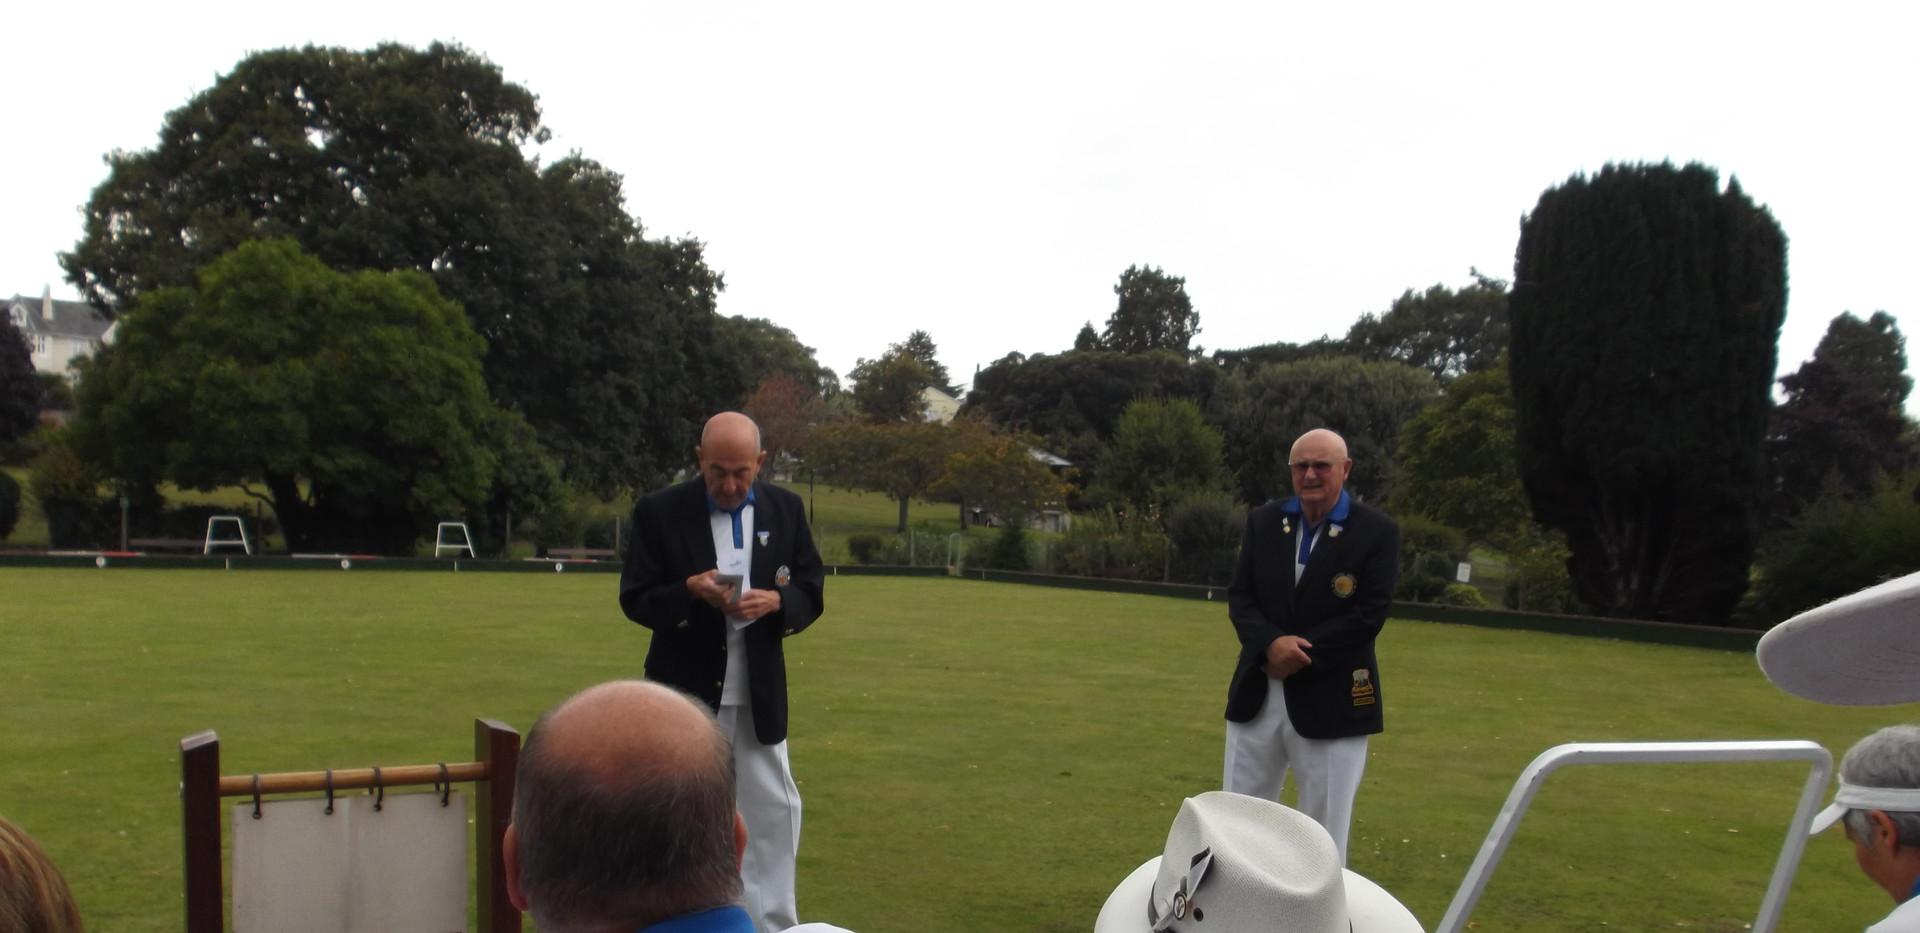 Captain Brian & President John